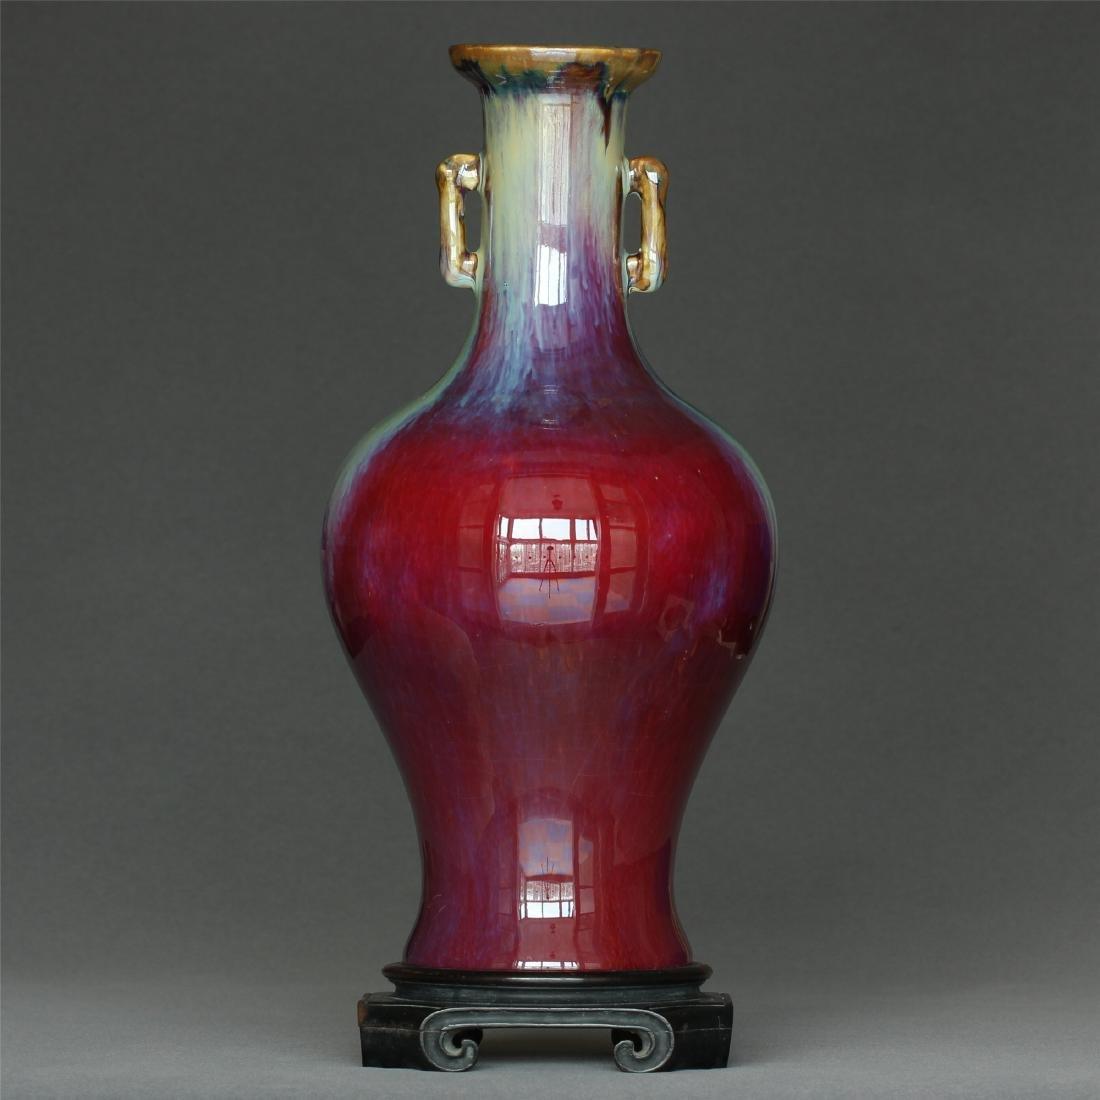 Red glaze discoloration porcelain vase of Qing Dynasty - 6